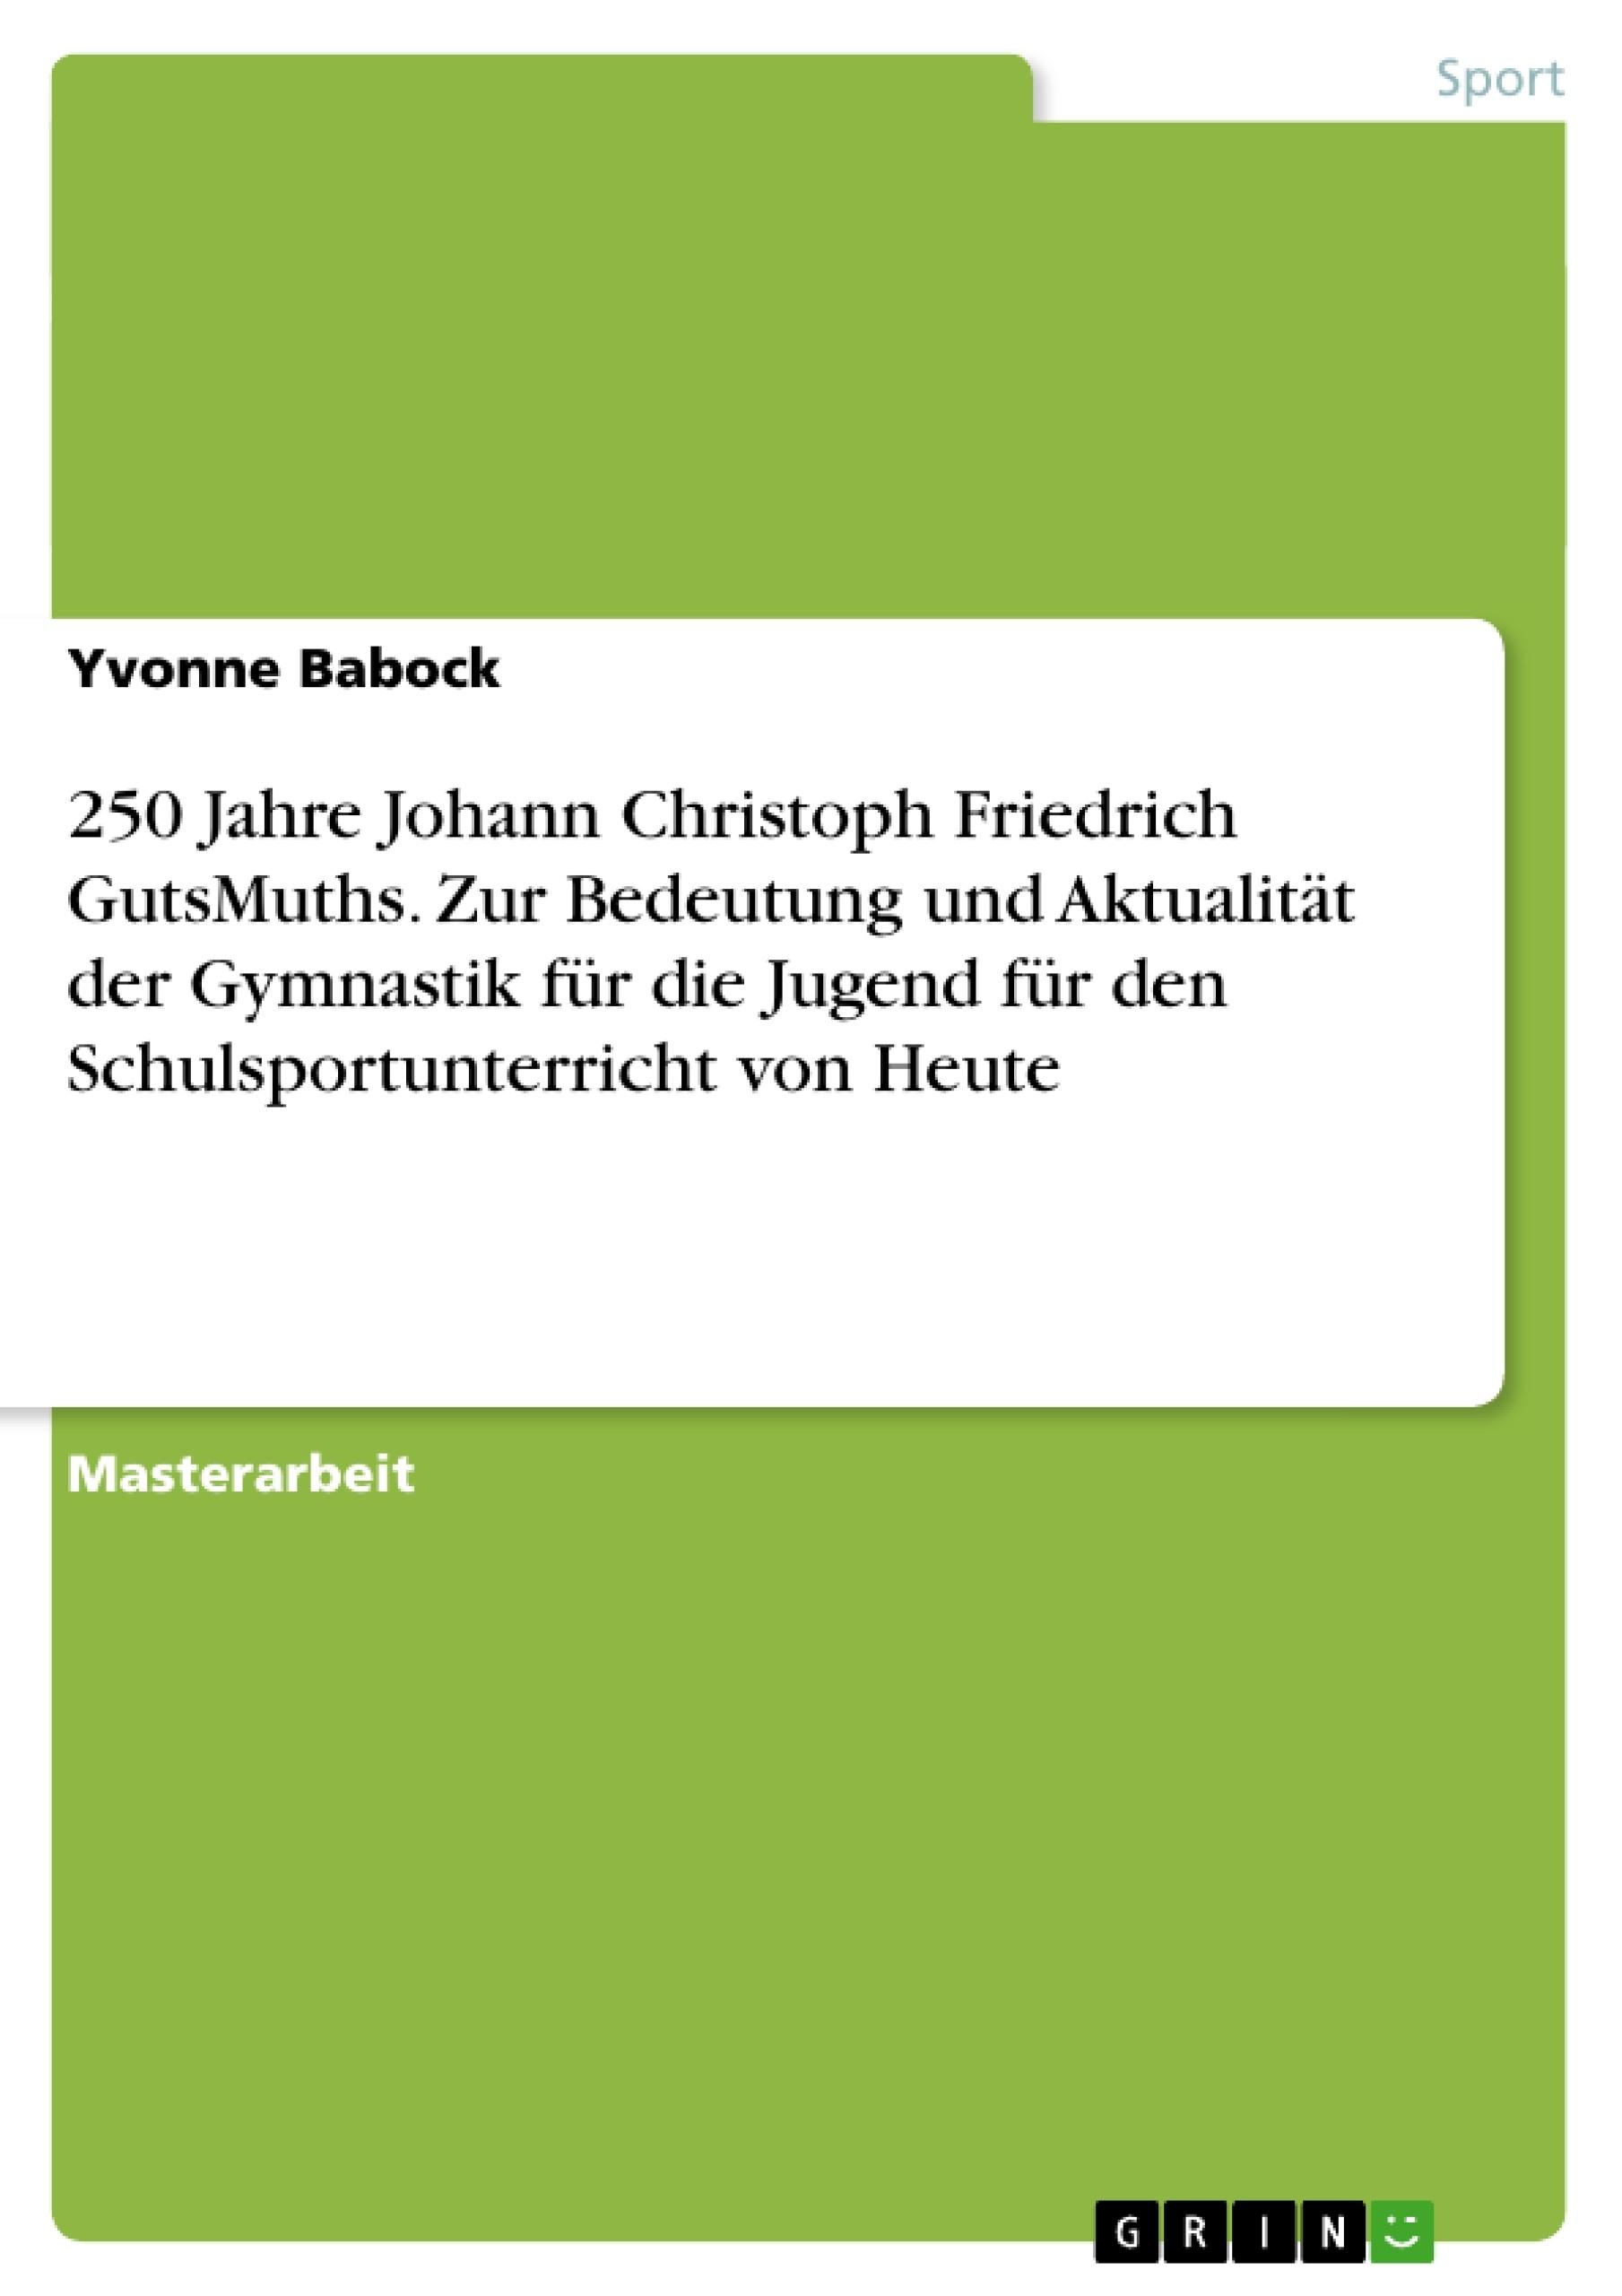 Titel: 250 Jahre Johann Christoph Friedrich GutsMuths. Zur Bedeutung und Aktualität der Gymnastik für die Jugend für den Schulsportunterricht von Heute